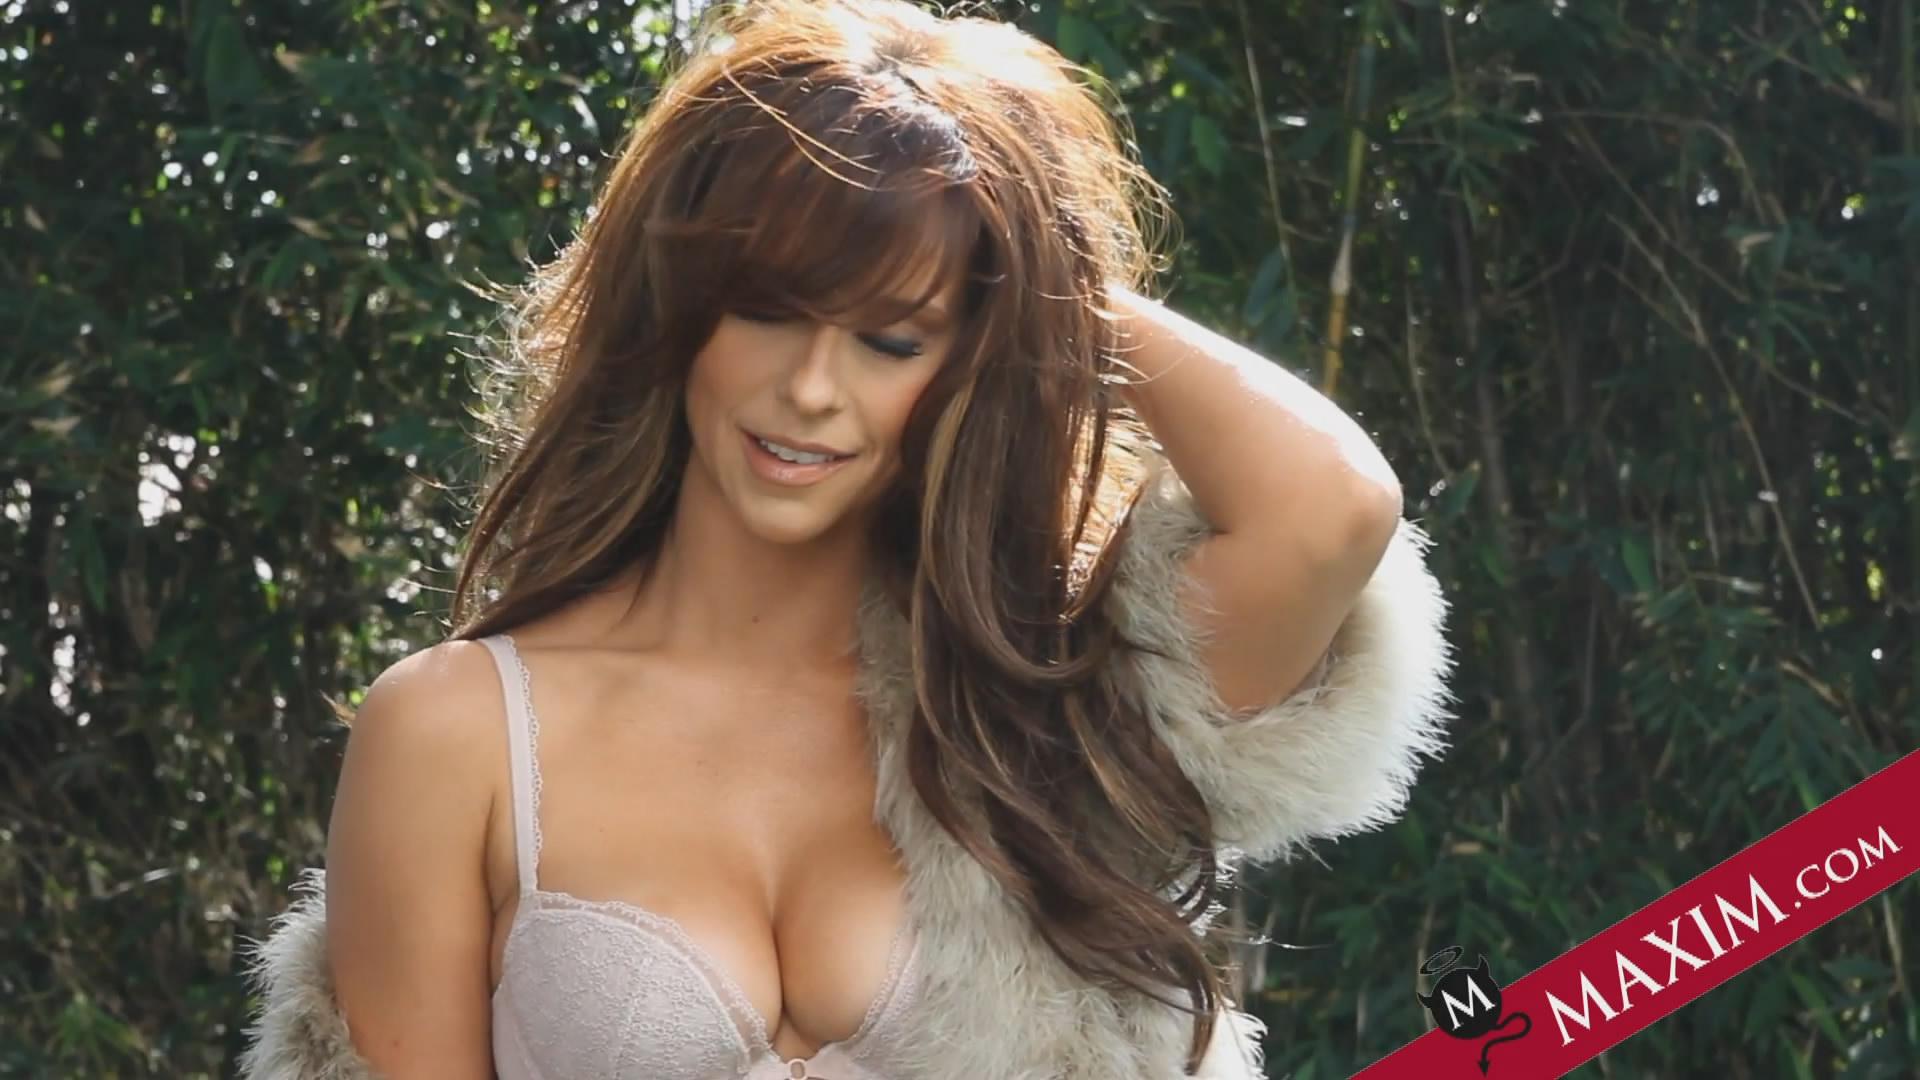 Jennifer Love Hewitt Tube Solider - Películas Porno